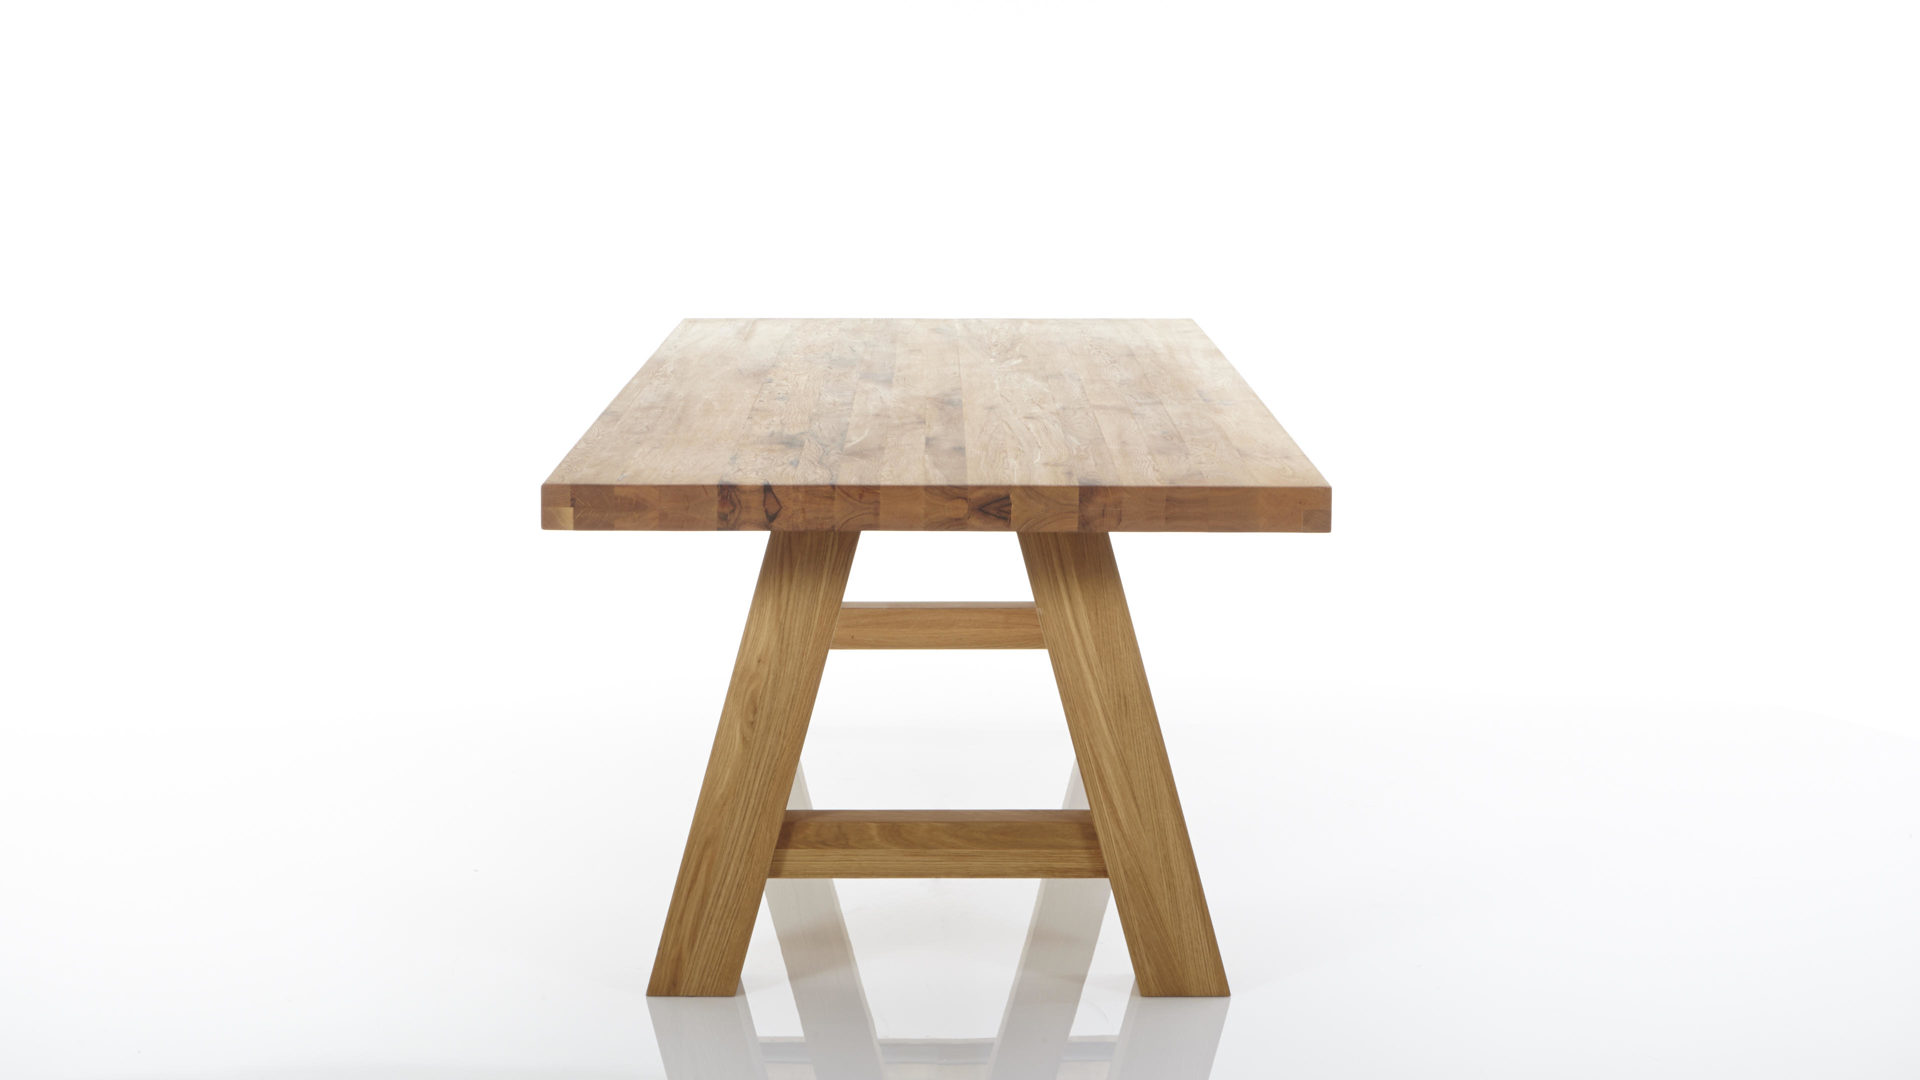 Massivholz Esstisch Aus Holz Standard Furniture Factory Gnstiger Gelte Balkeneiche